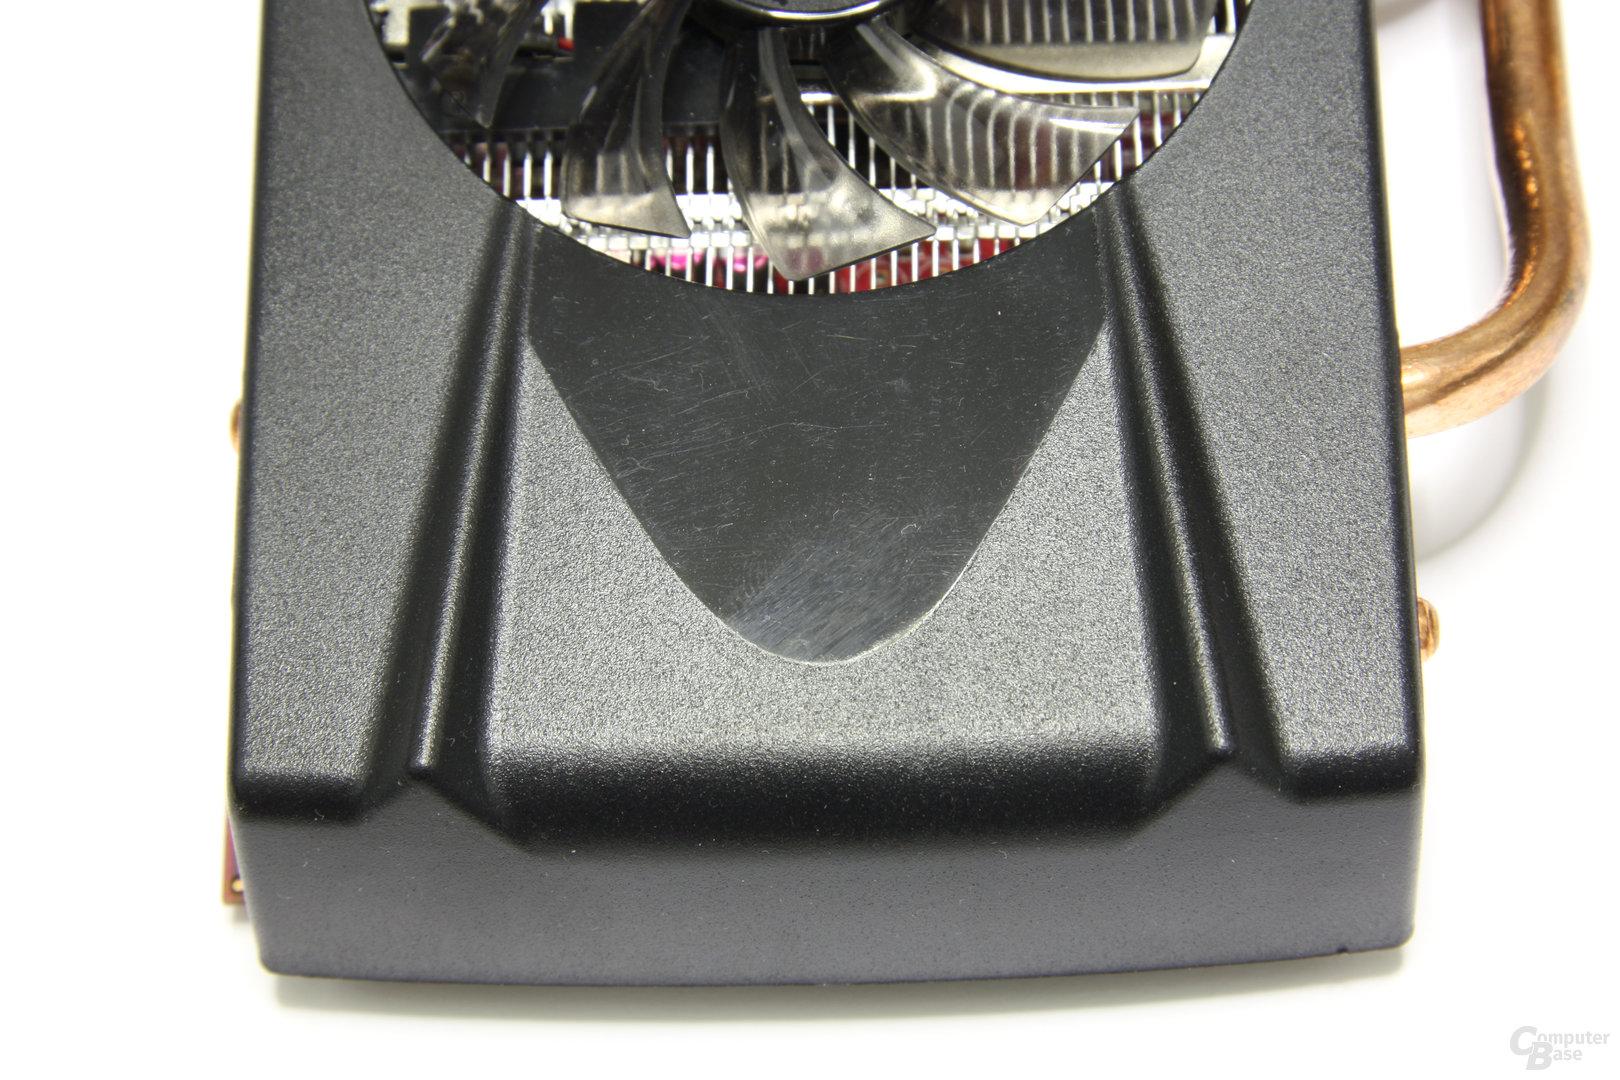 Radeon HD 6870 X2 von oben